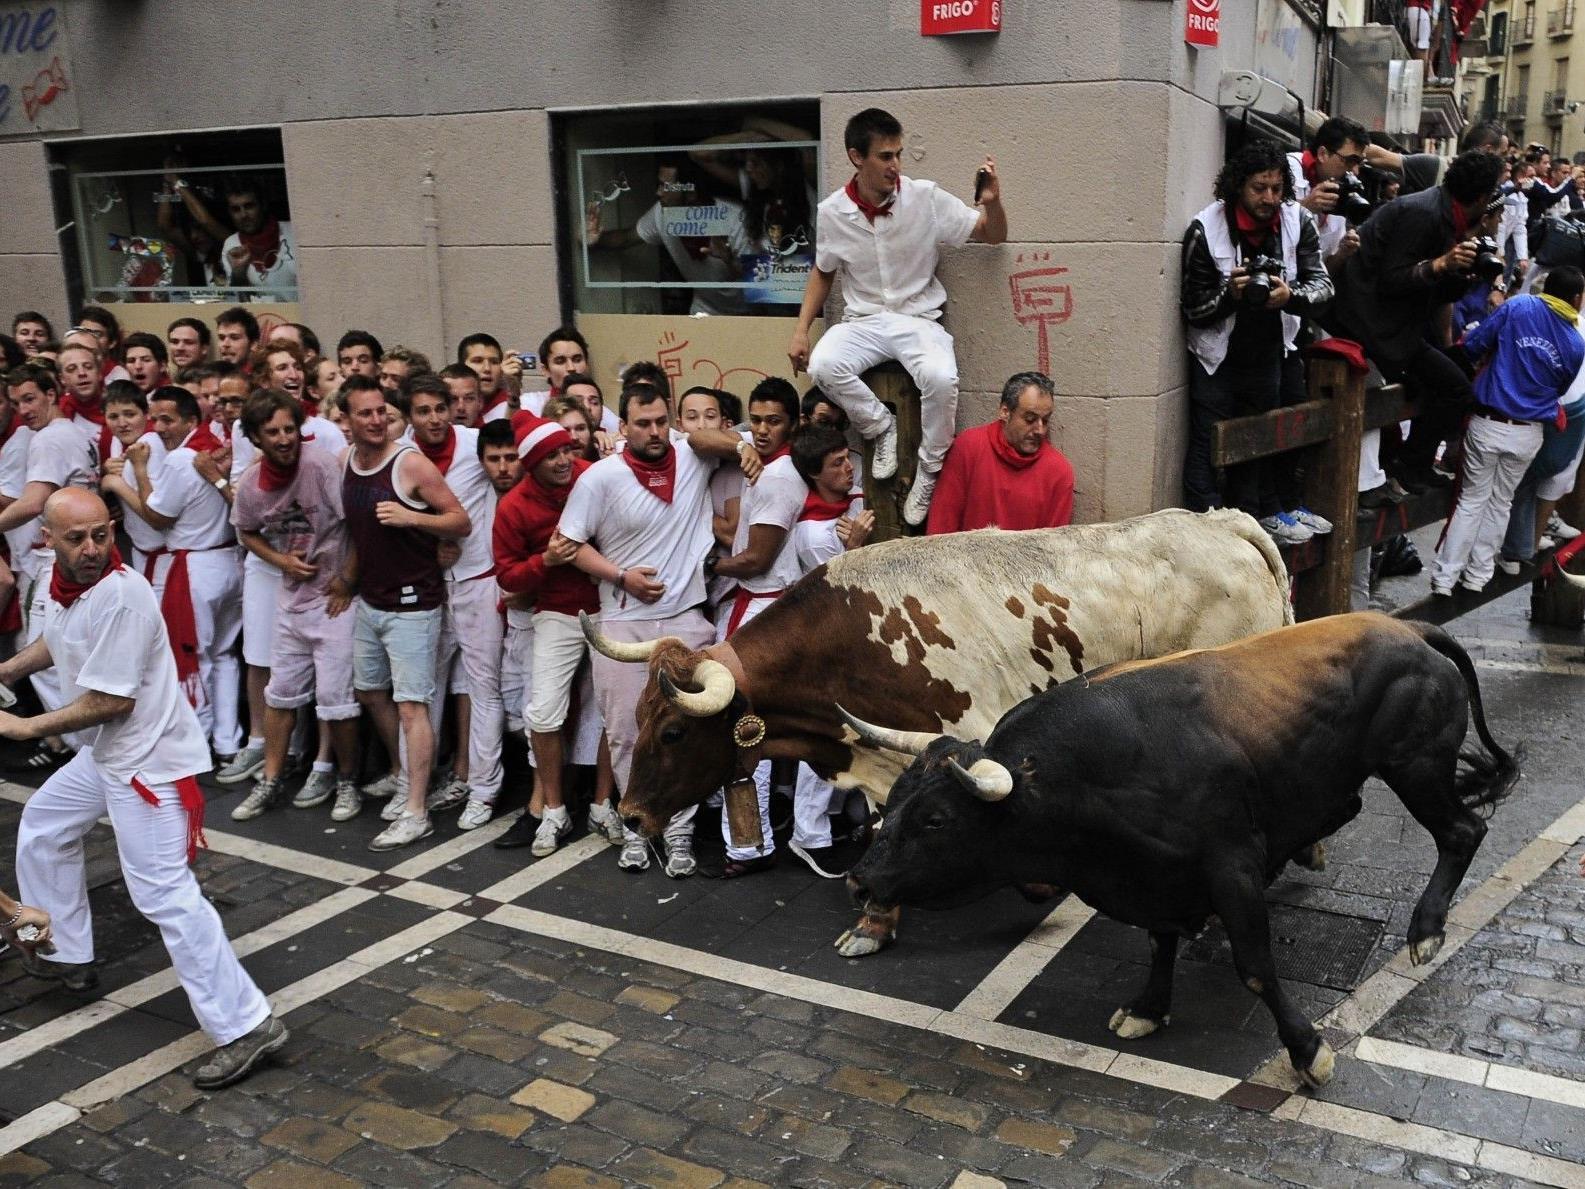 Ausbrechendes Tier löst Panik bei Teilnehmern aus .